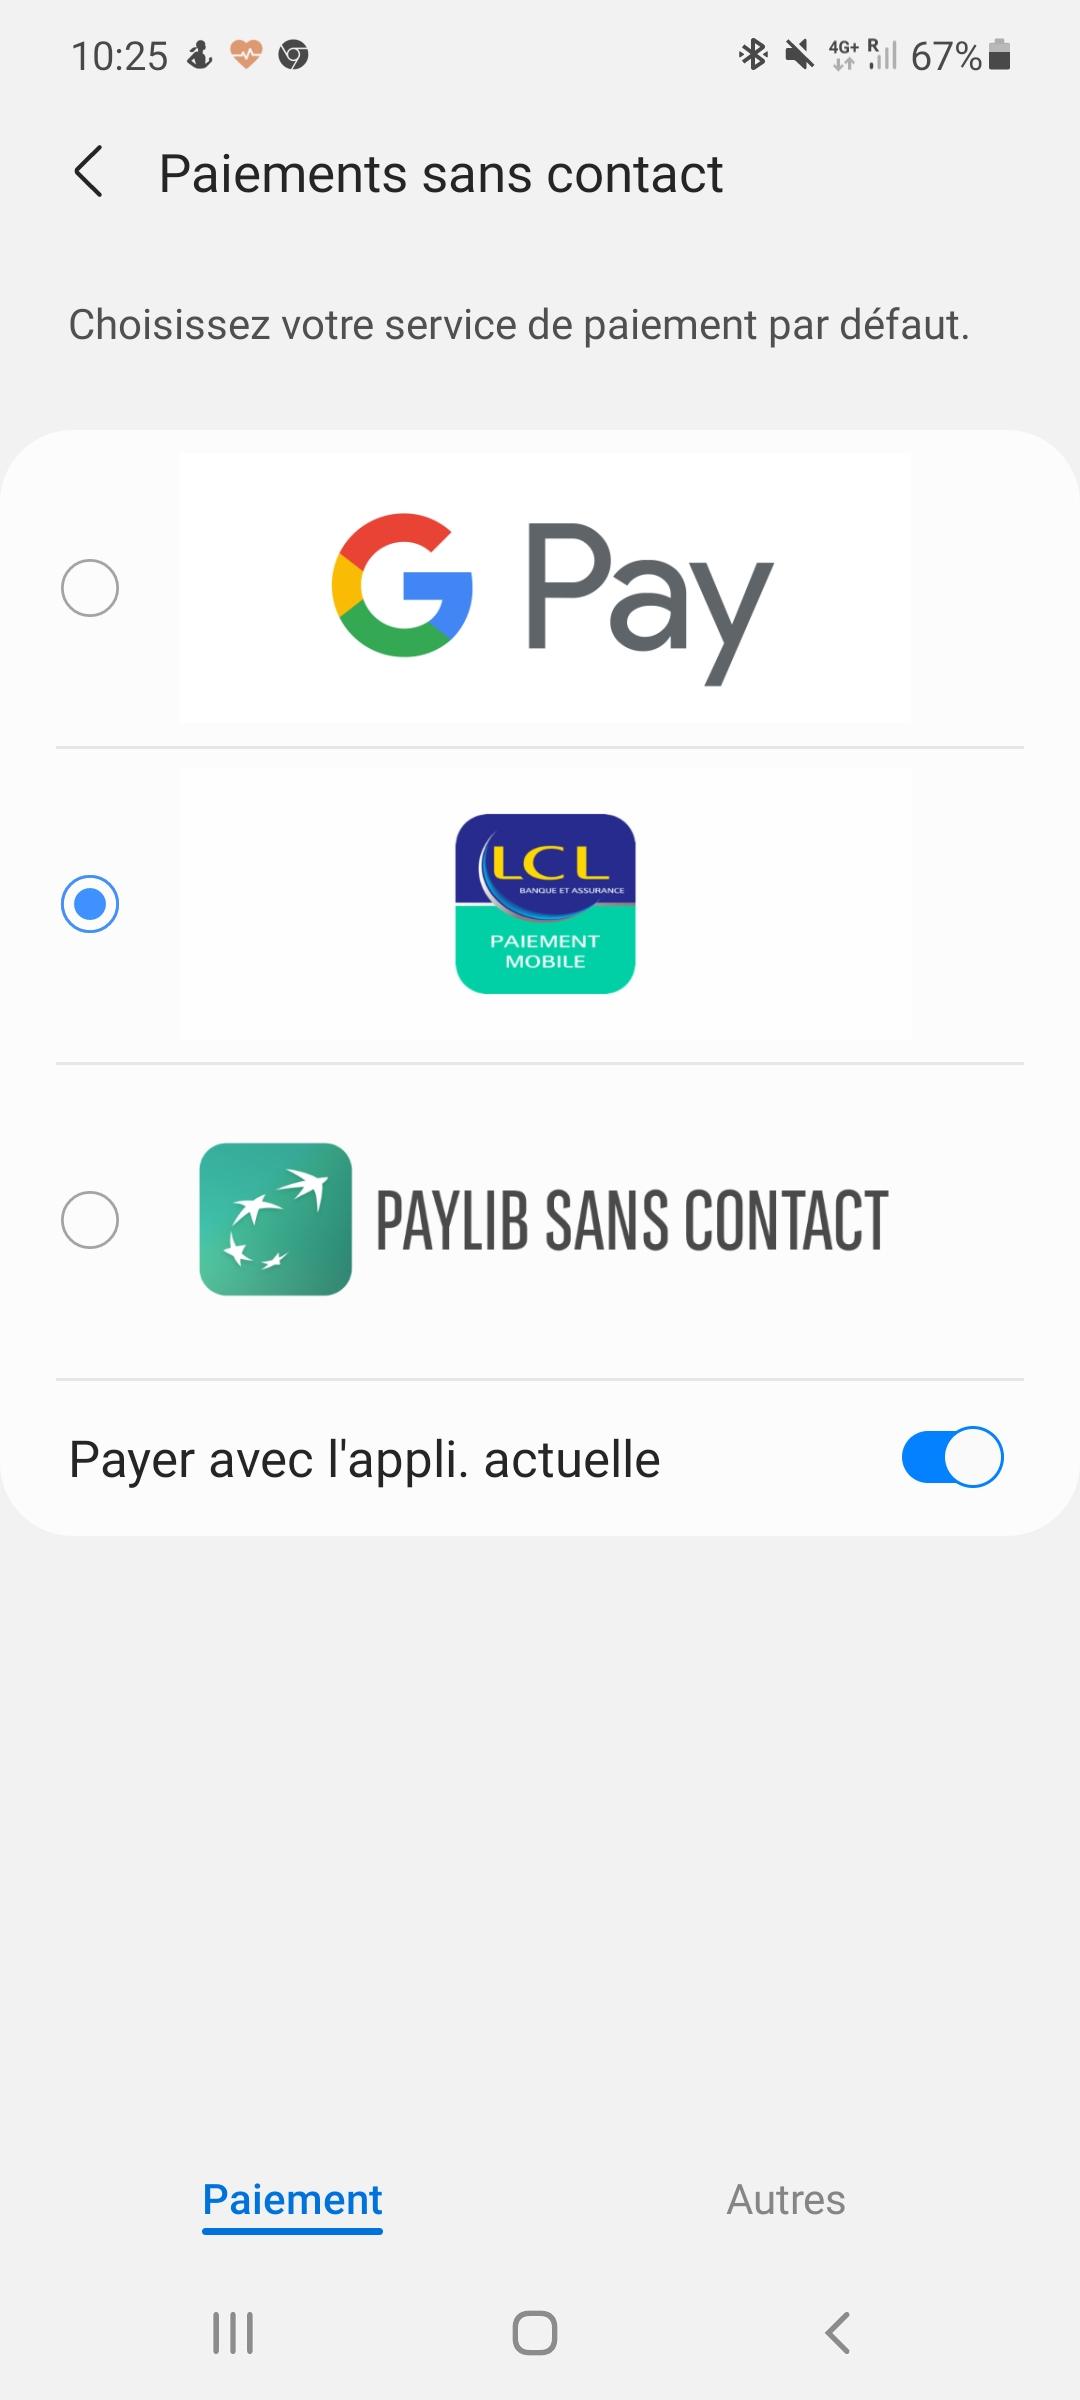 Samsung Pay La Banque Postale : samsung, banque, postale, SAMSUNG, GOOGLE, GALAXY, ULTRA, Samsung, Community